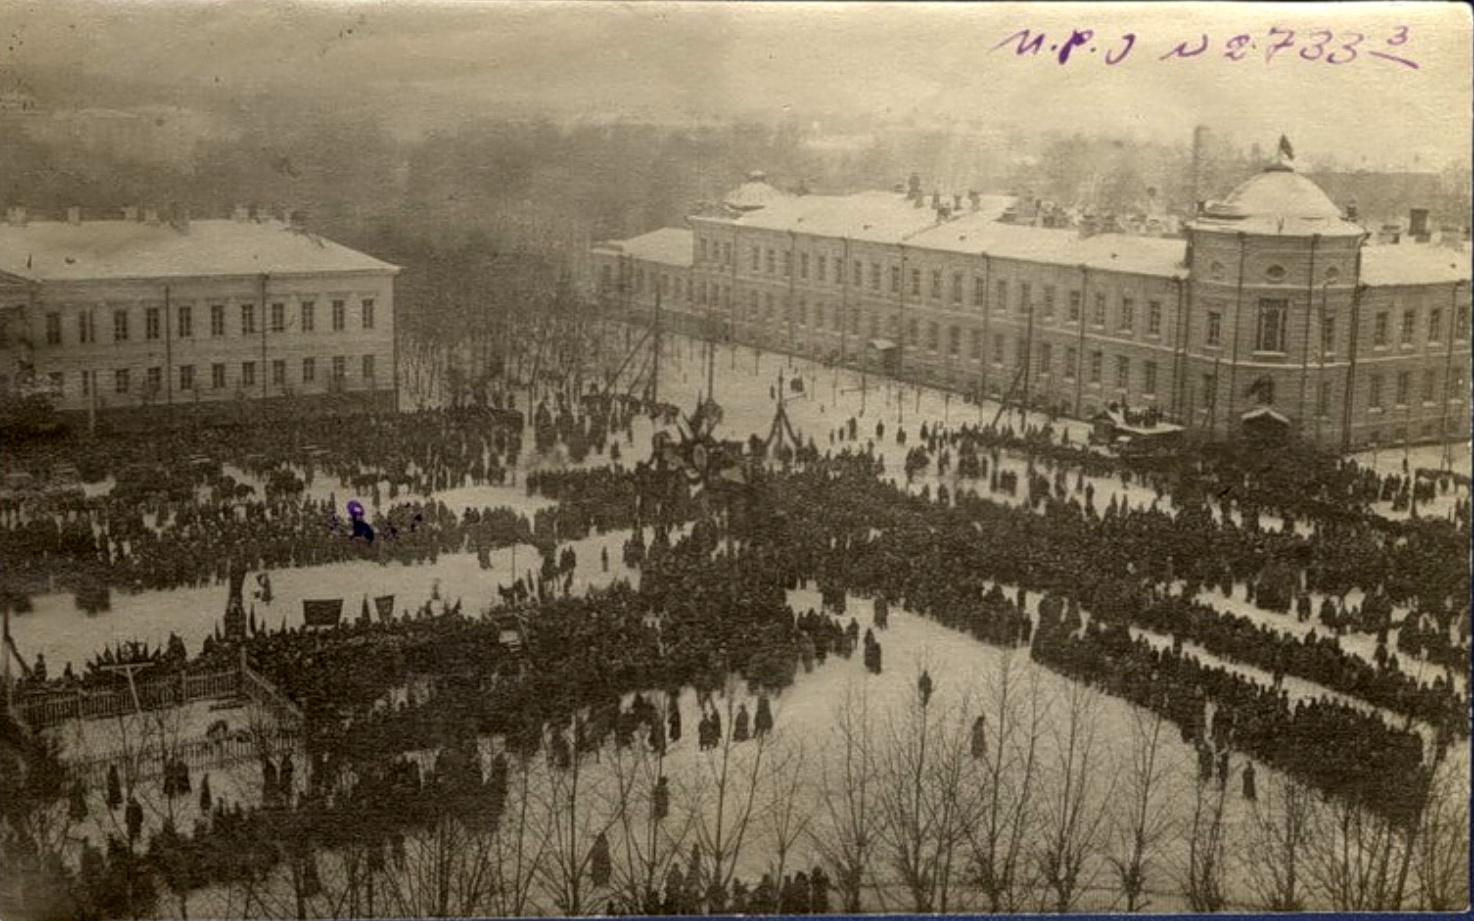 ploshhad-novosobornaya-v-den-perezahoroneniya-zhertv-kolchakovtsev-22-yanvarya-1920-g-png